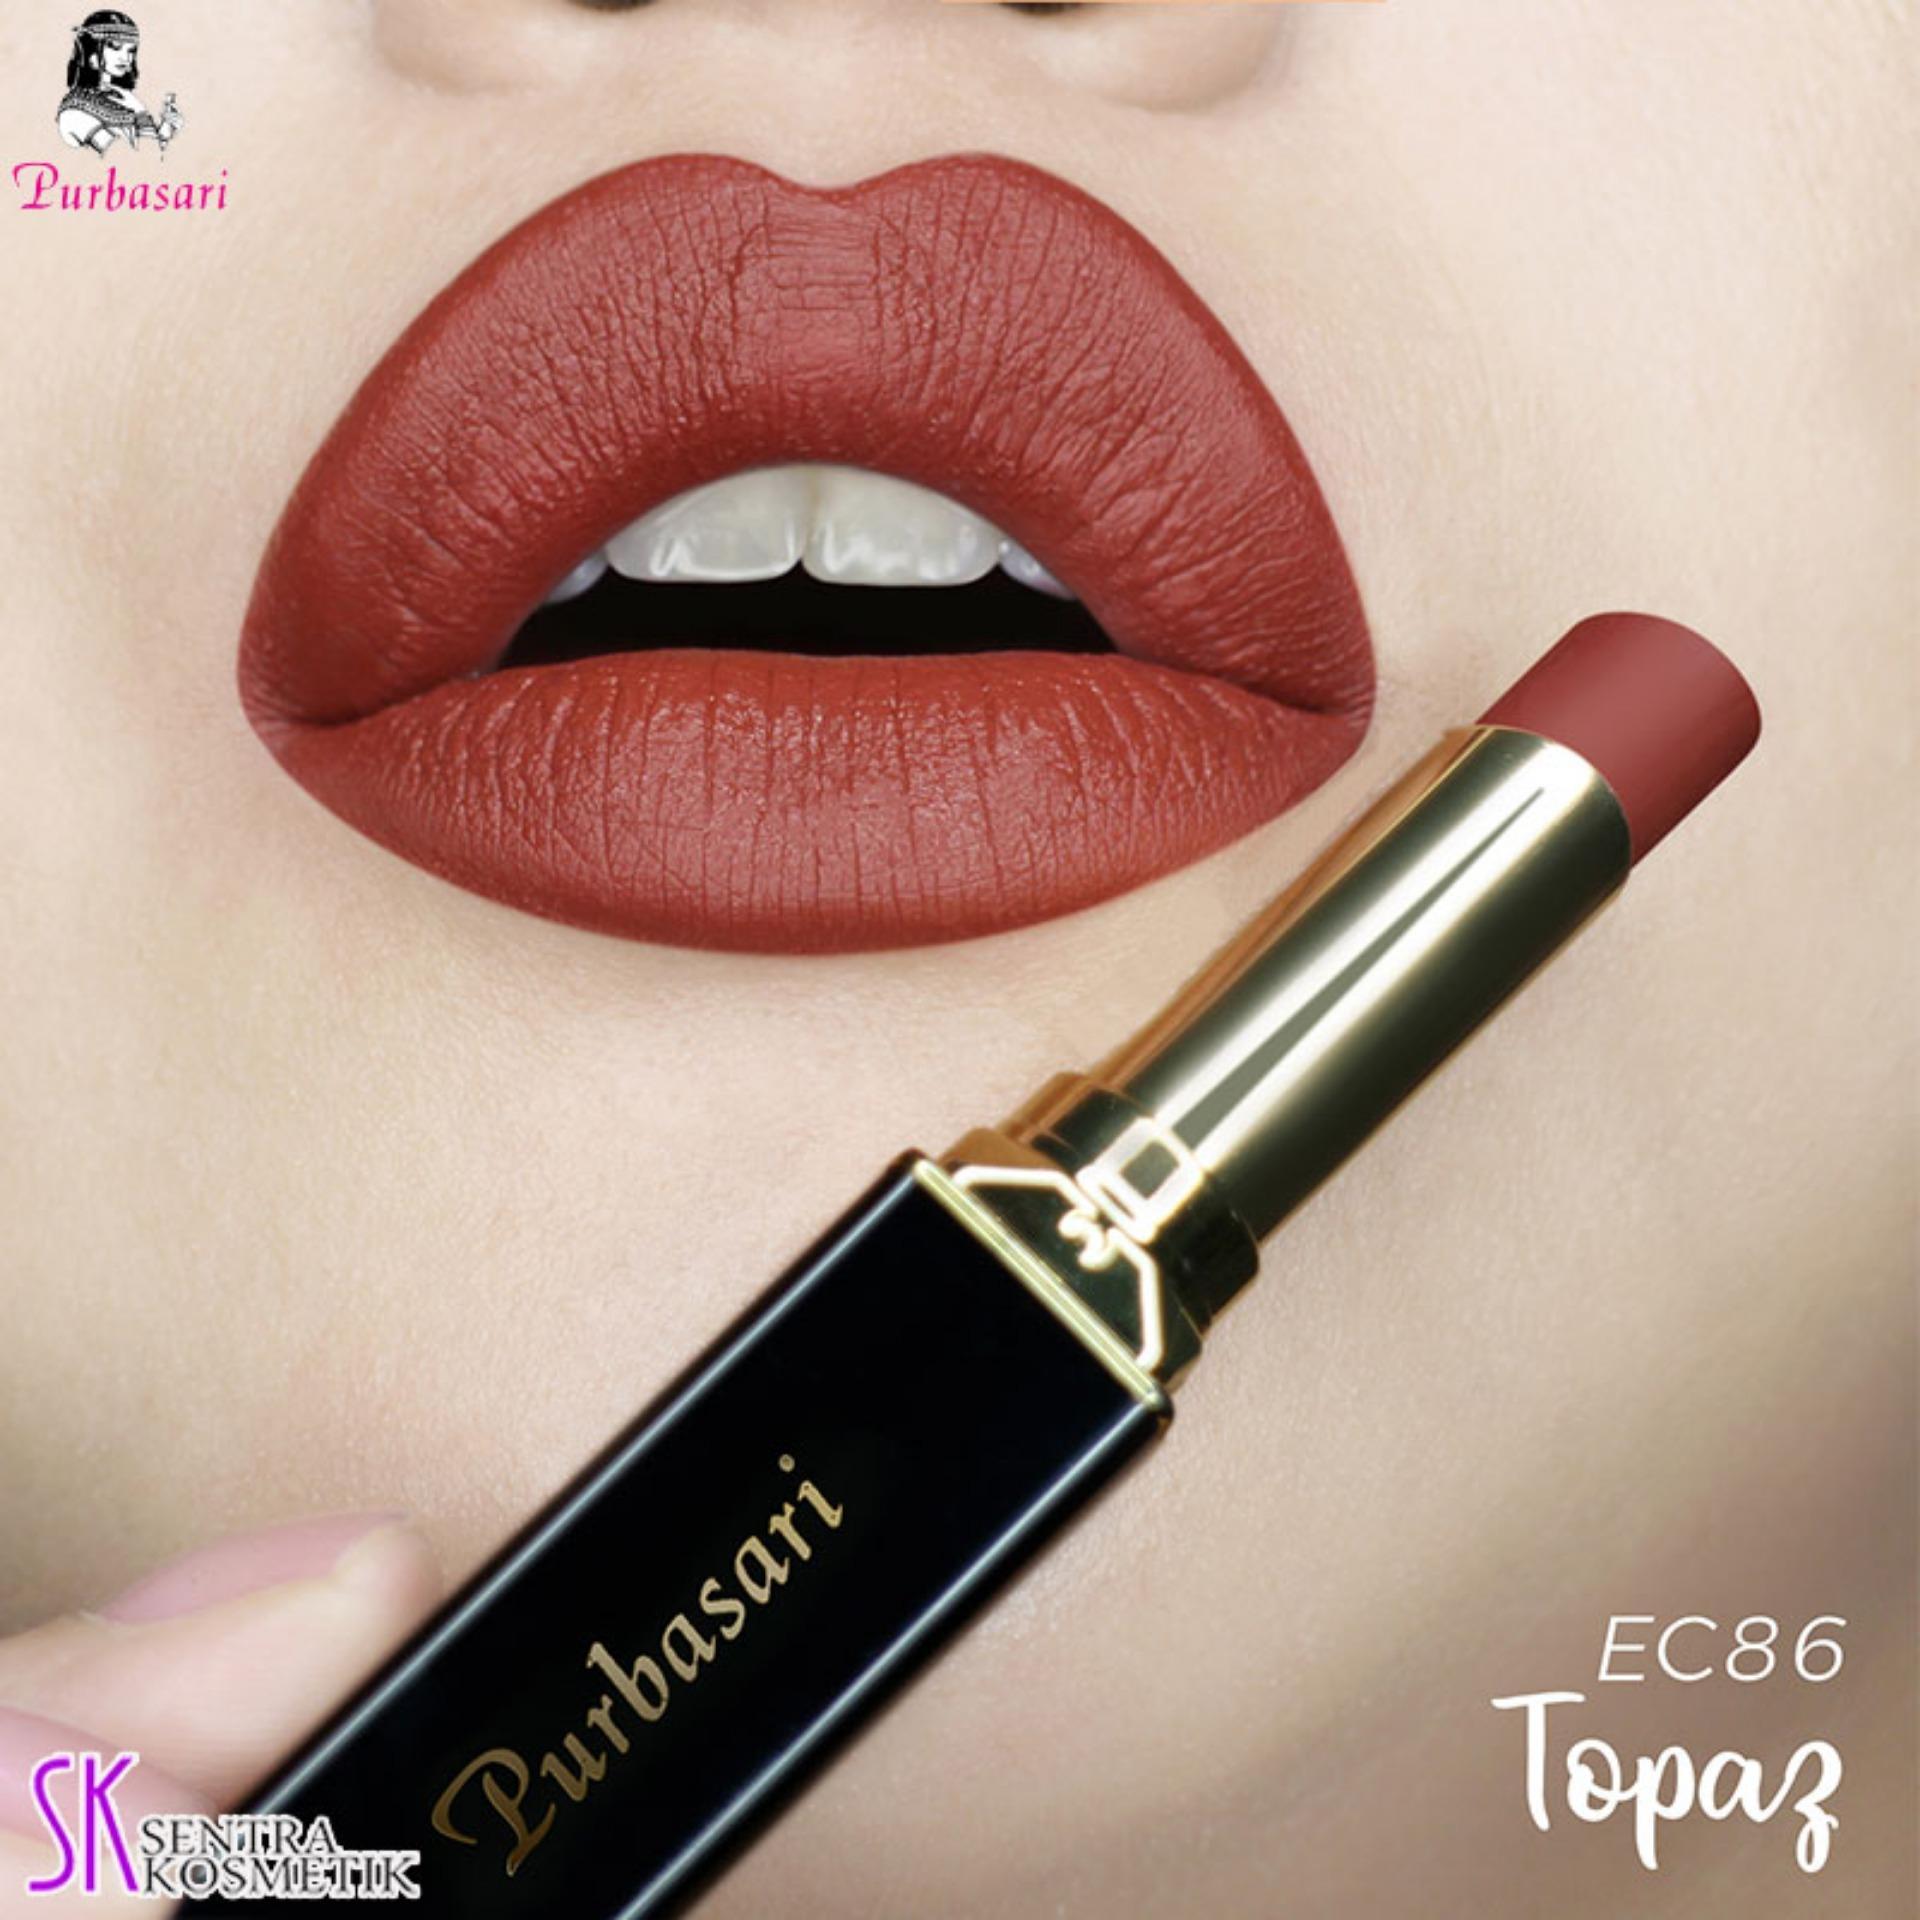 Purbasari Lipstick Collor Matte 86 TOPAZ